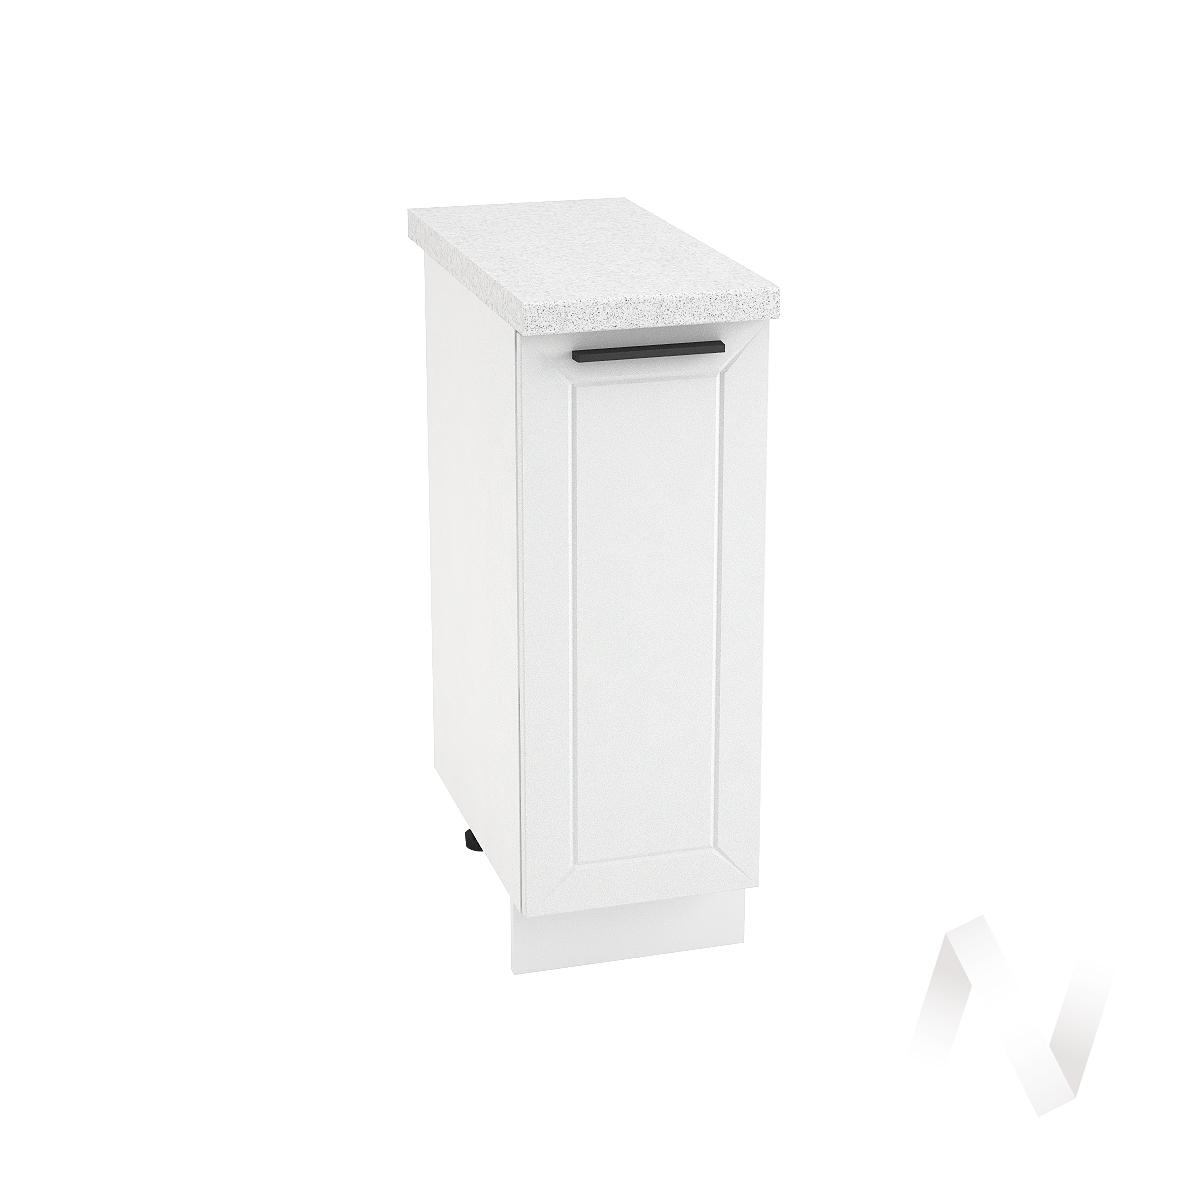 """Кухня """"Глетчер"""": Шкаф нижний 300, ШН 300 (Айленд силк/корпус белый)"""